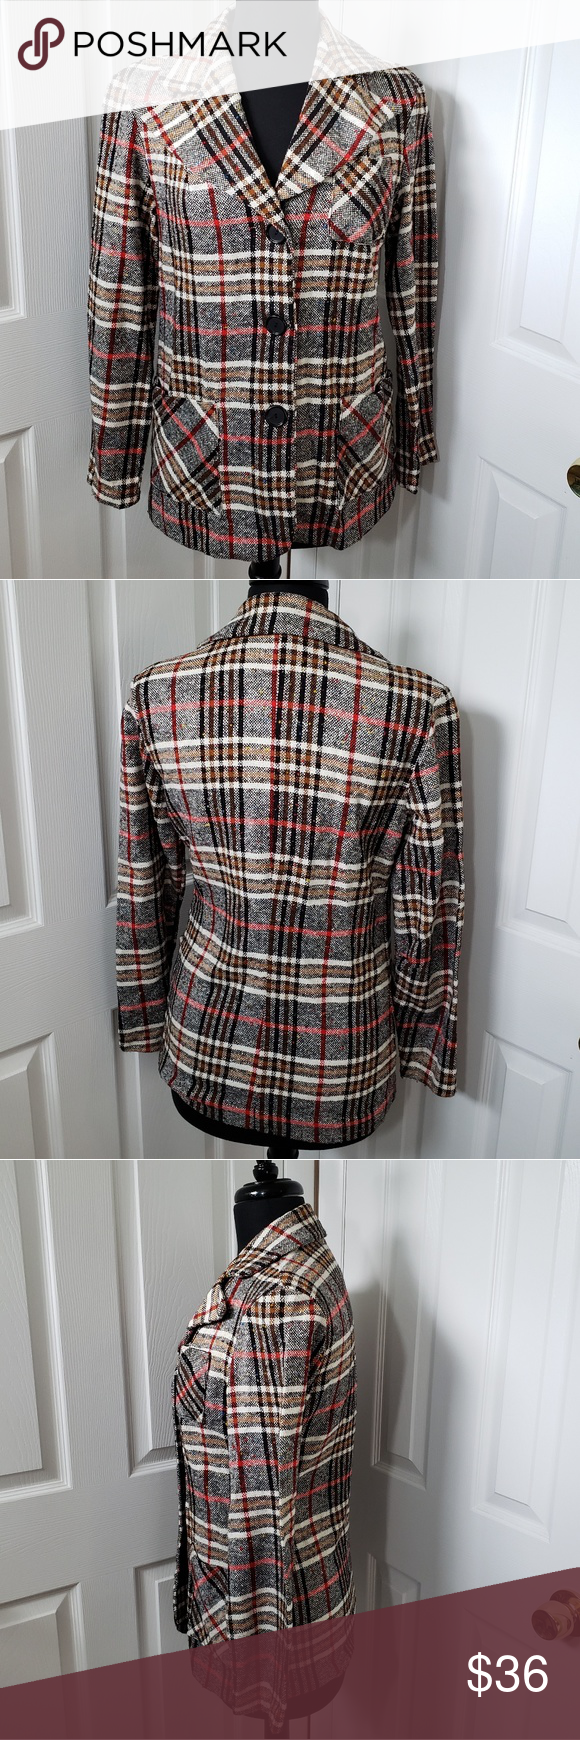 NPC Vintage 60s Wool Jacket